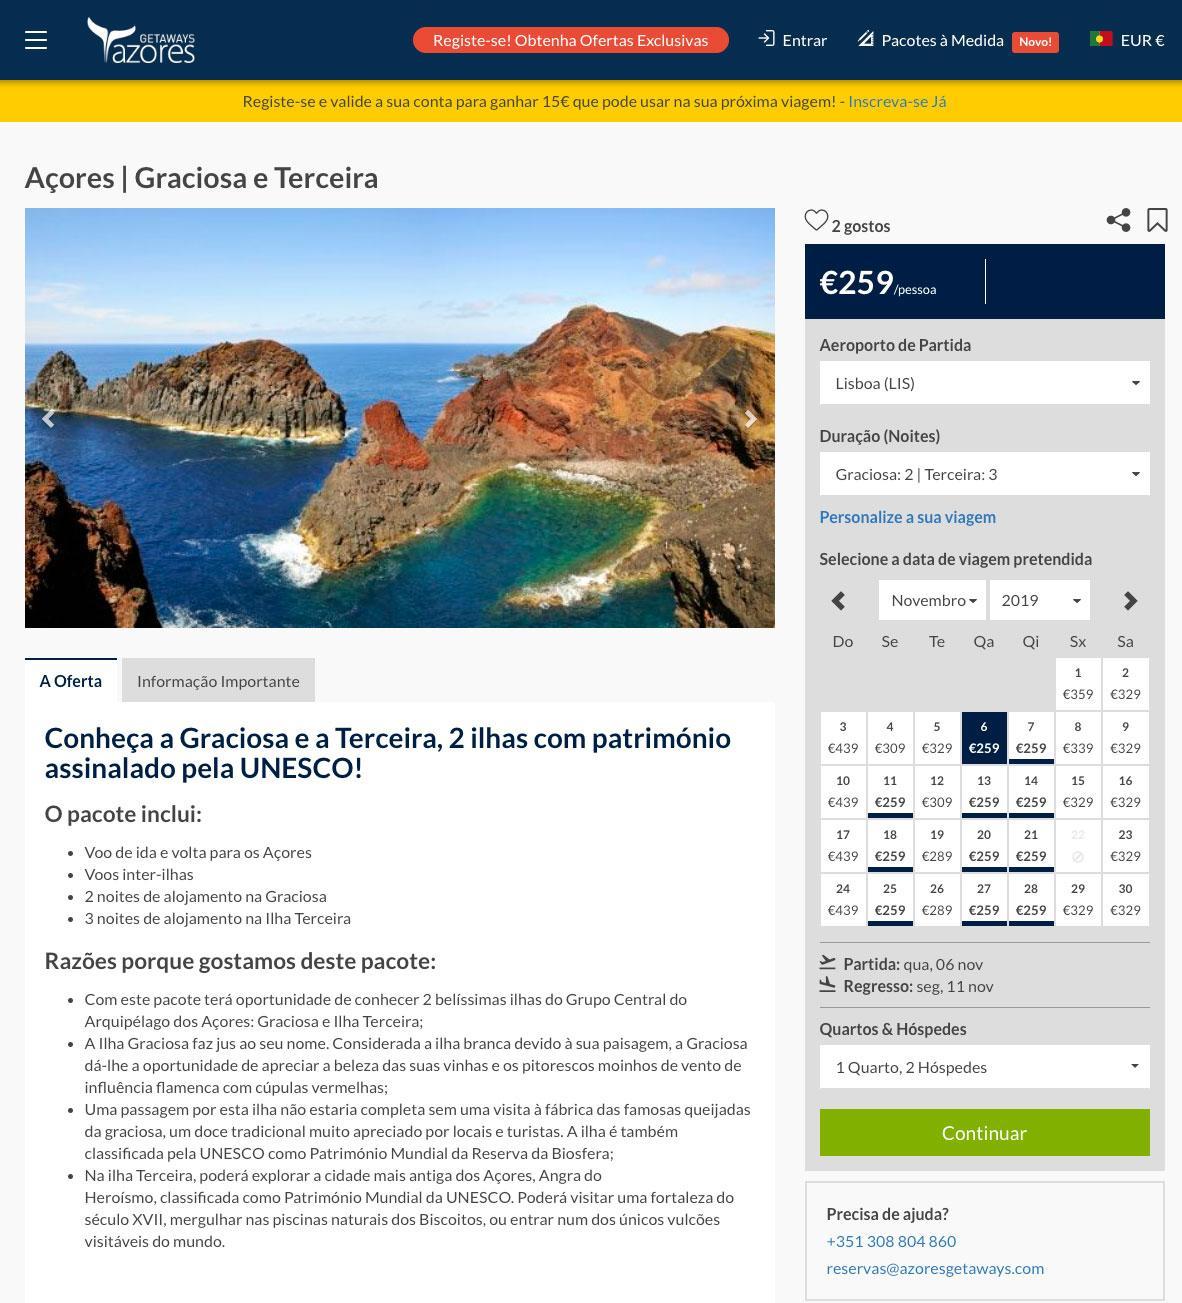 Pacote Açores: Graciosa e Terceira - AzoresGetaways